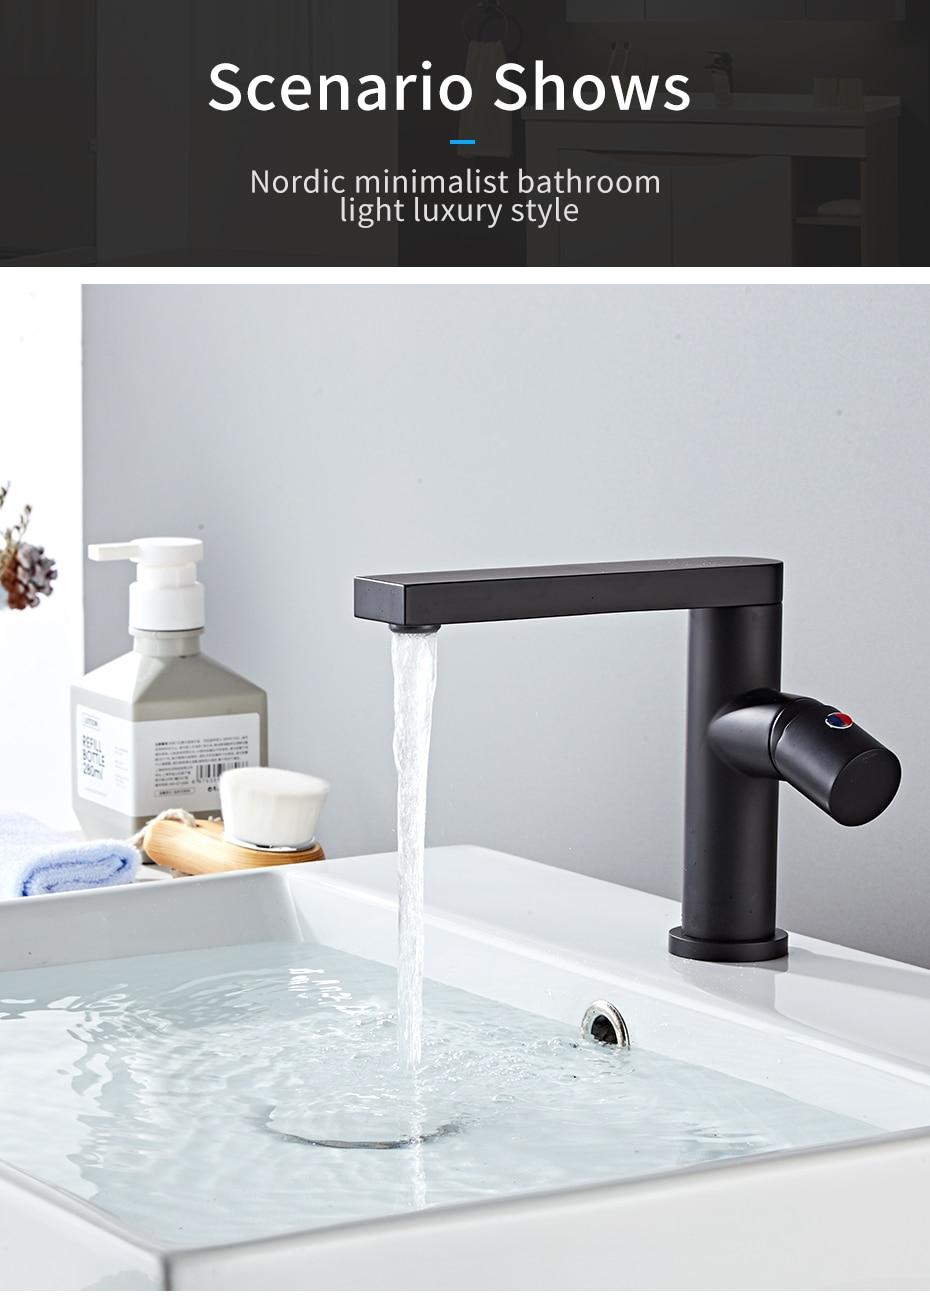 Basin Faucets Bathroom Water Mixer Tap Crane